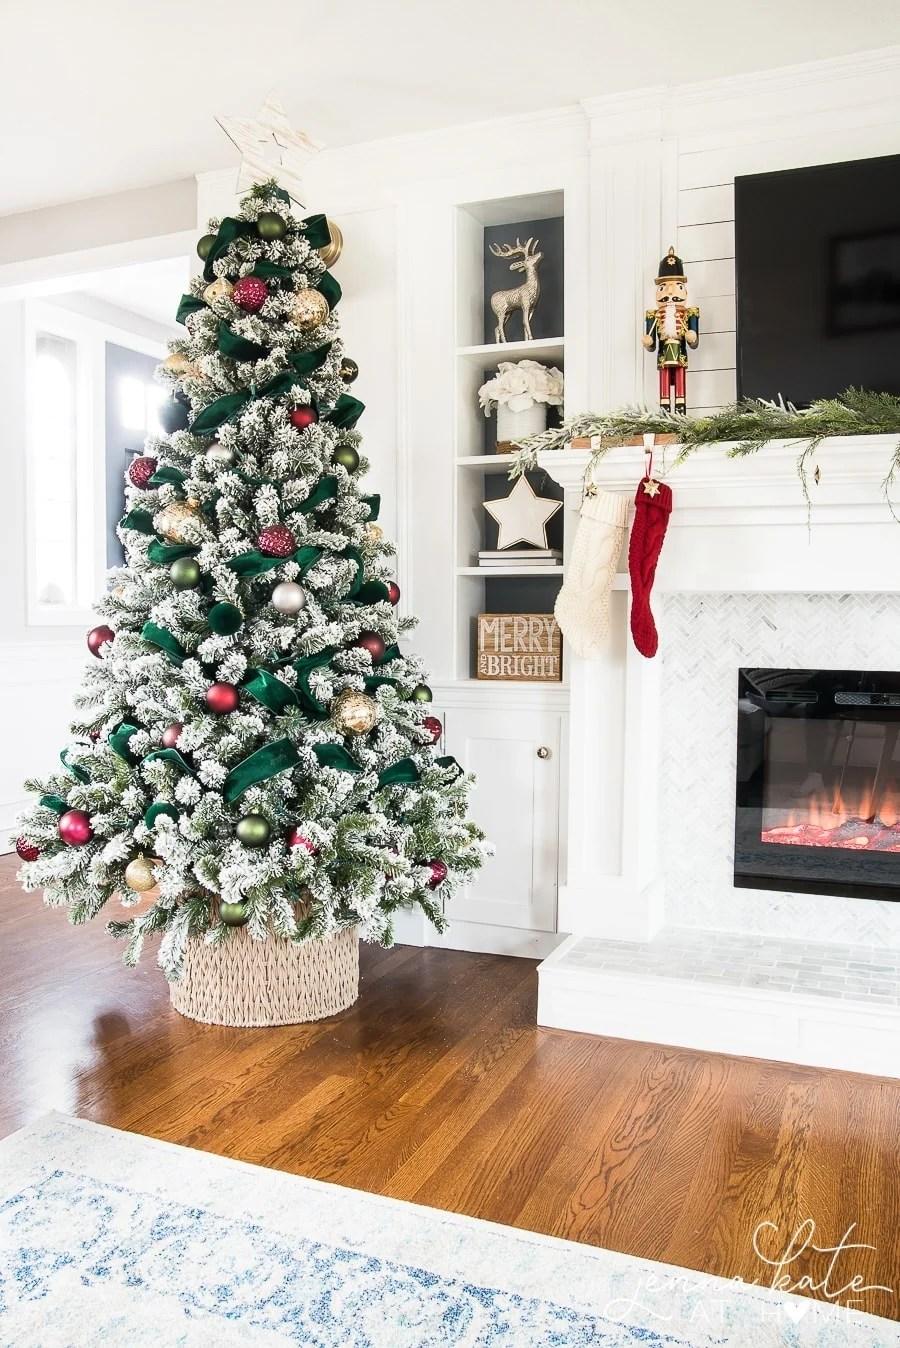 A fresh take on traditional Christmas decor